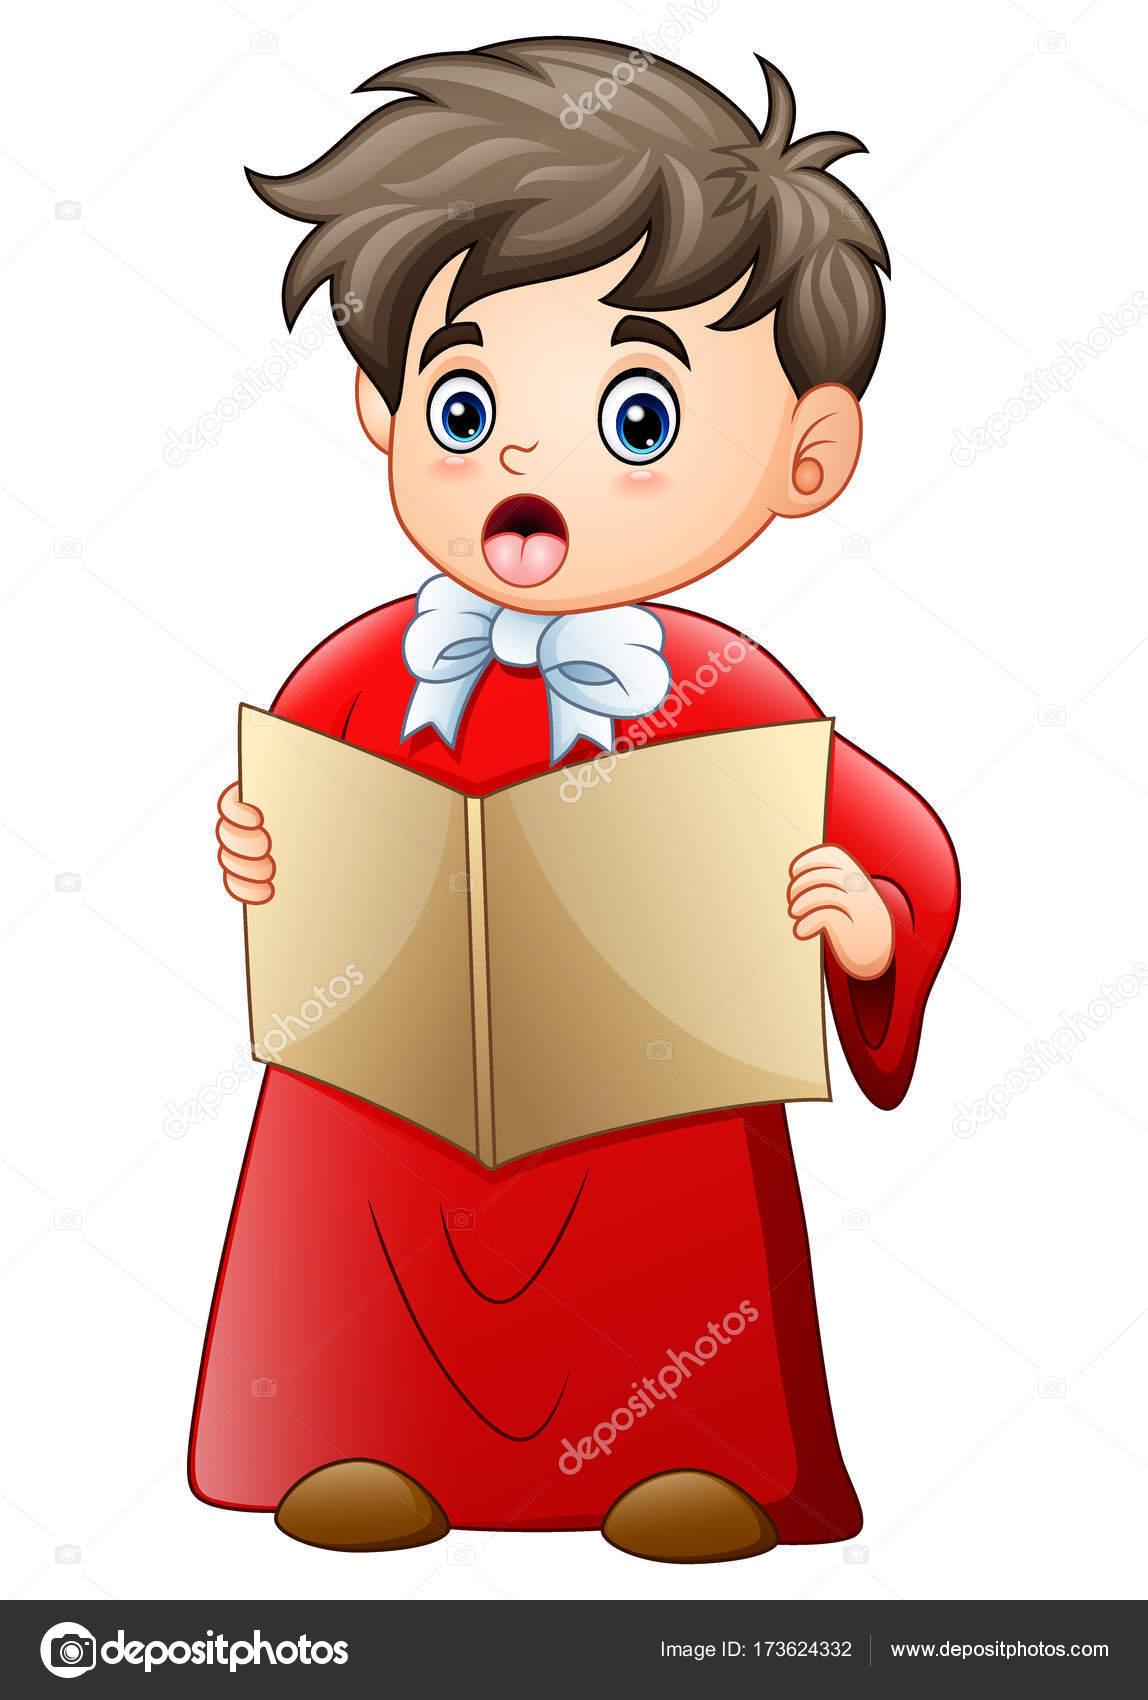 Cartoon junge singen Weihnachtslieder — Stockvektor © dualoro #173624332